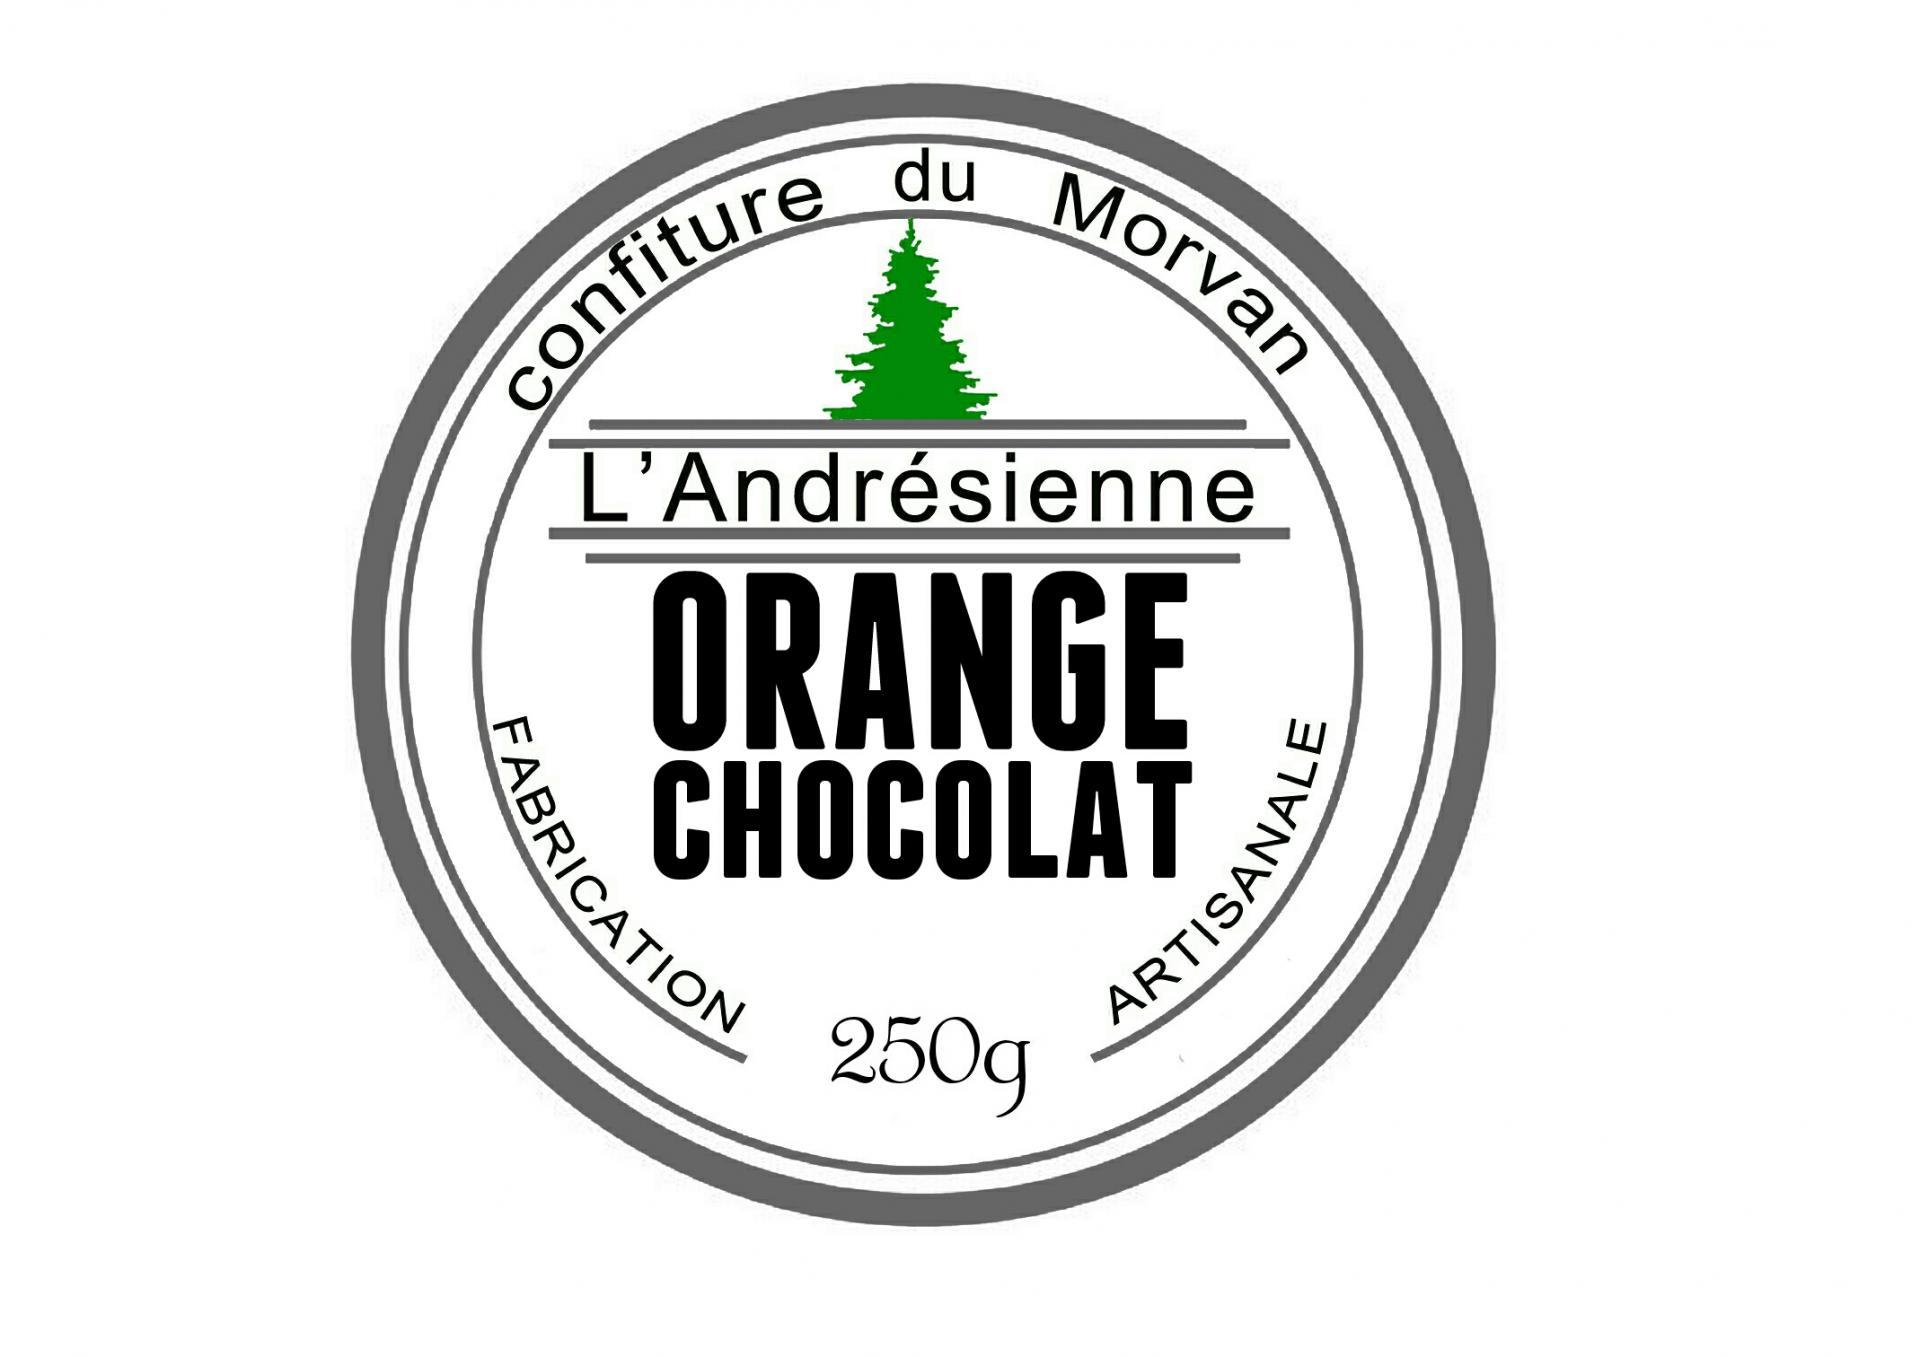 Orange chocolat 01